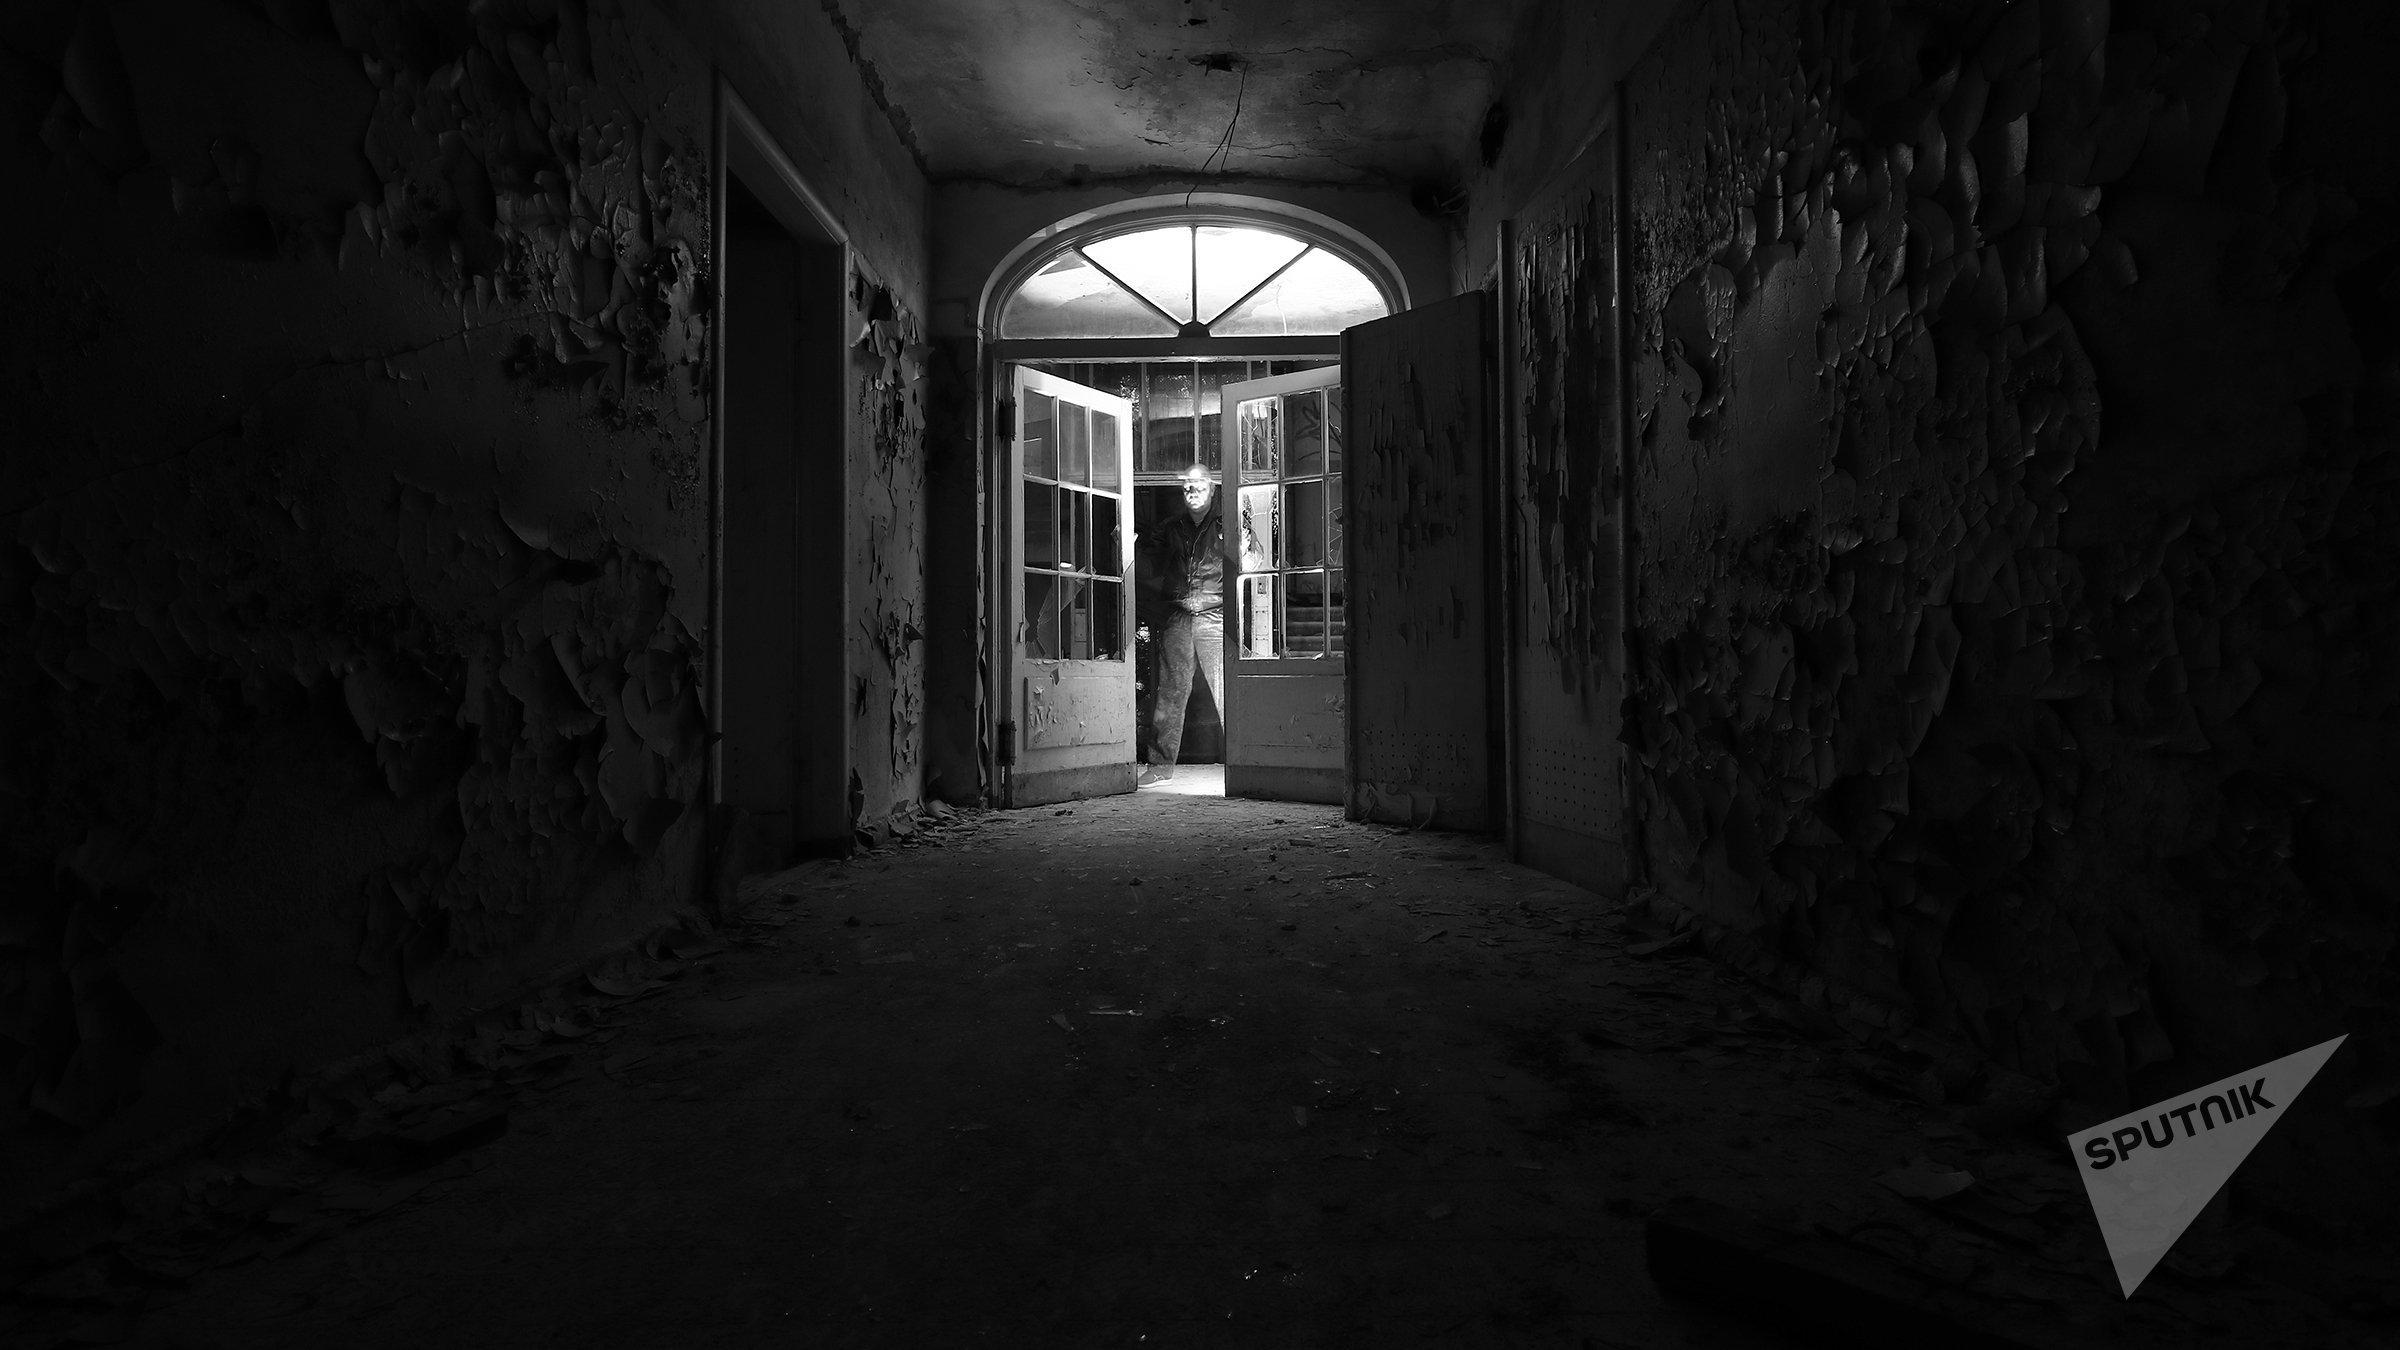 Тишина, заброшенная больница на улице Эзермалас в Межапарке